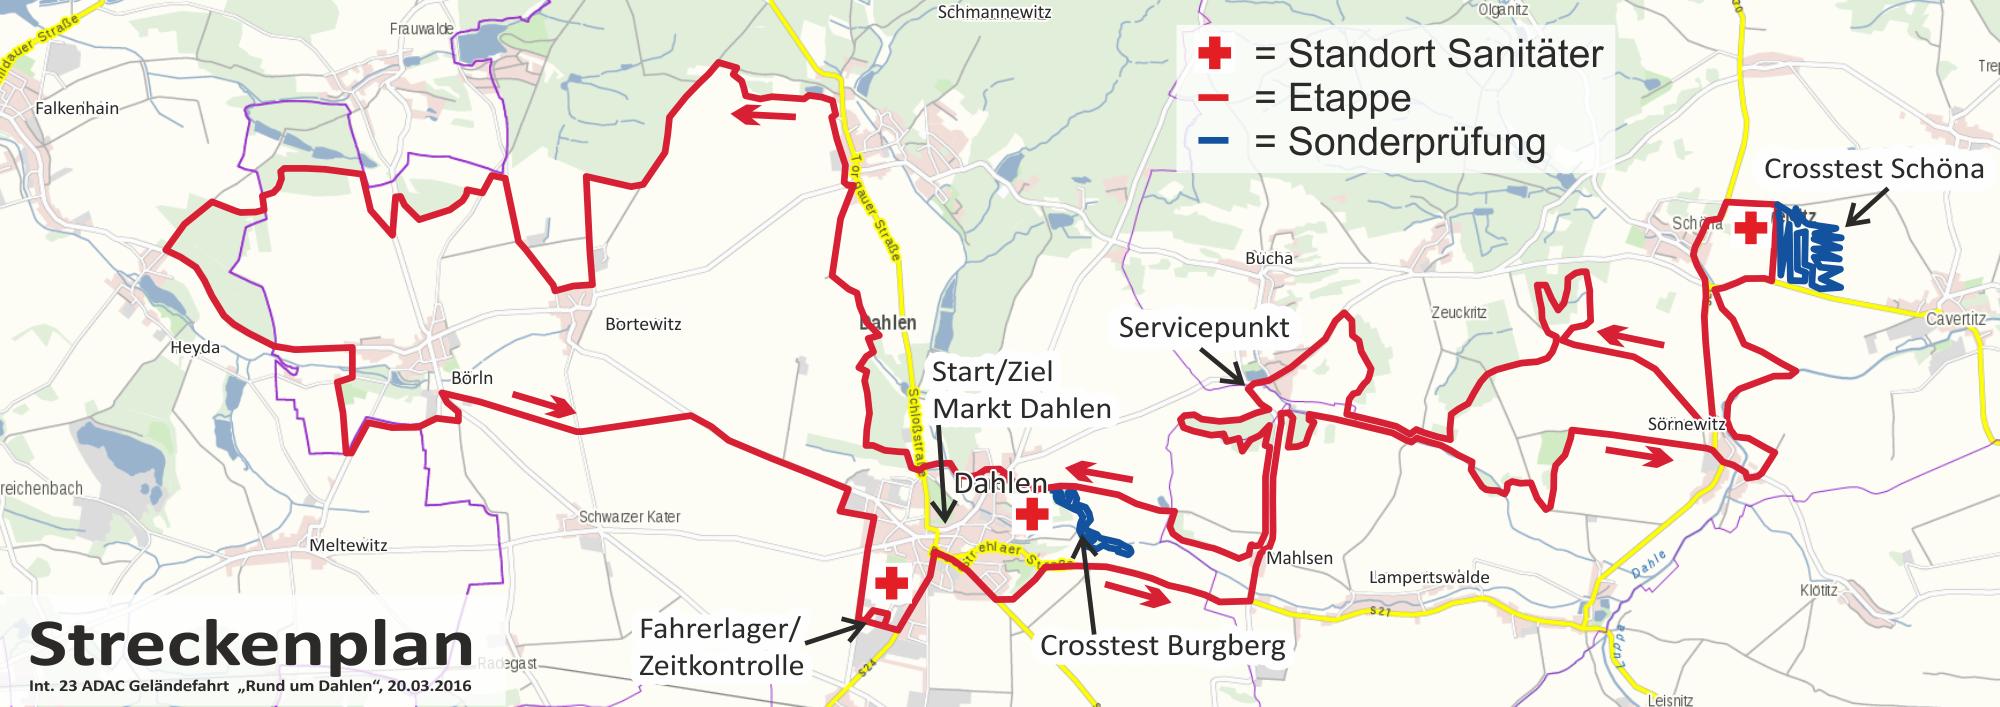 RundumDahlen-Streckenplan